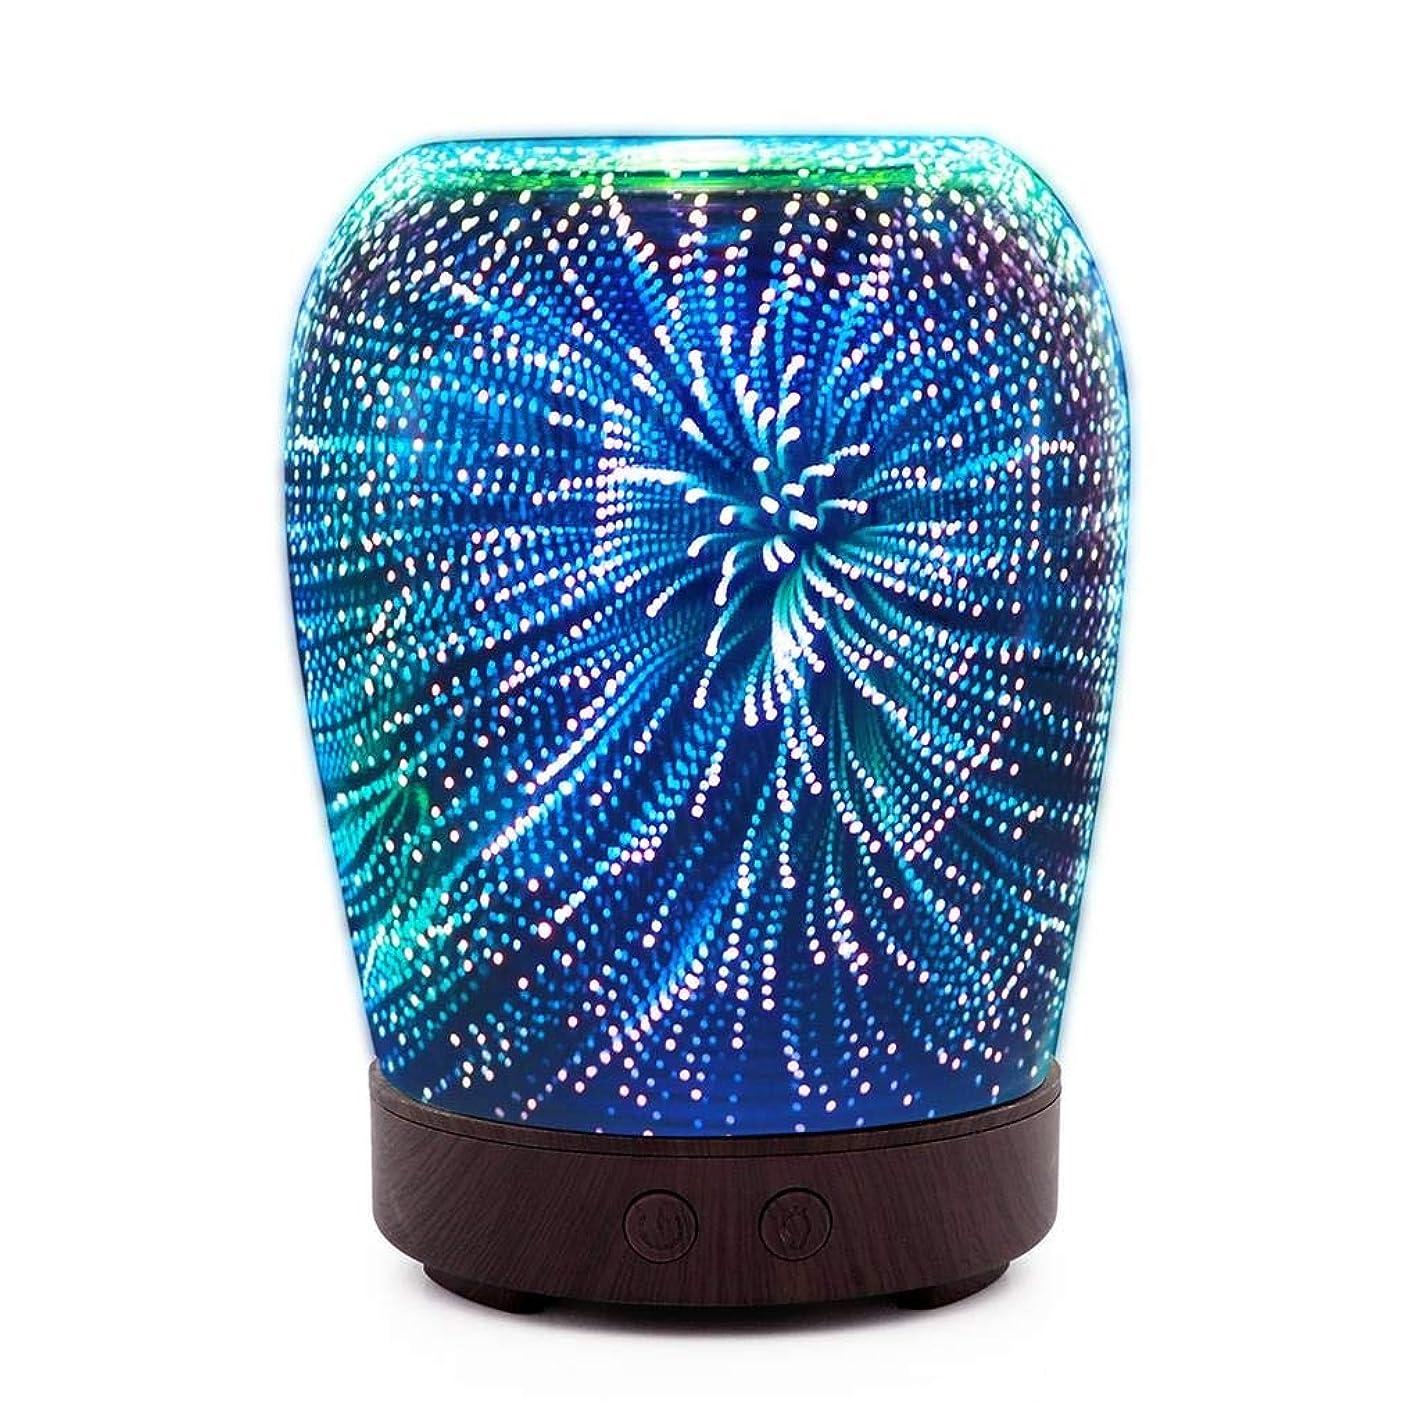 グレートバリアリーフ松非効率的な芳香 拡張器 清涼 薄霧 加湿器 アロマディフューザー 車内や家庭で使用 (Color : Fireworks)